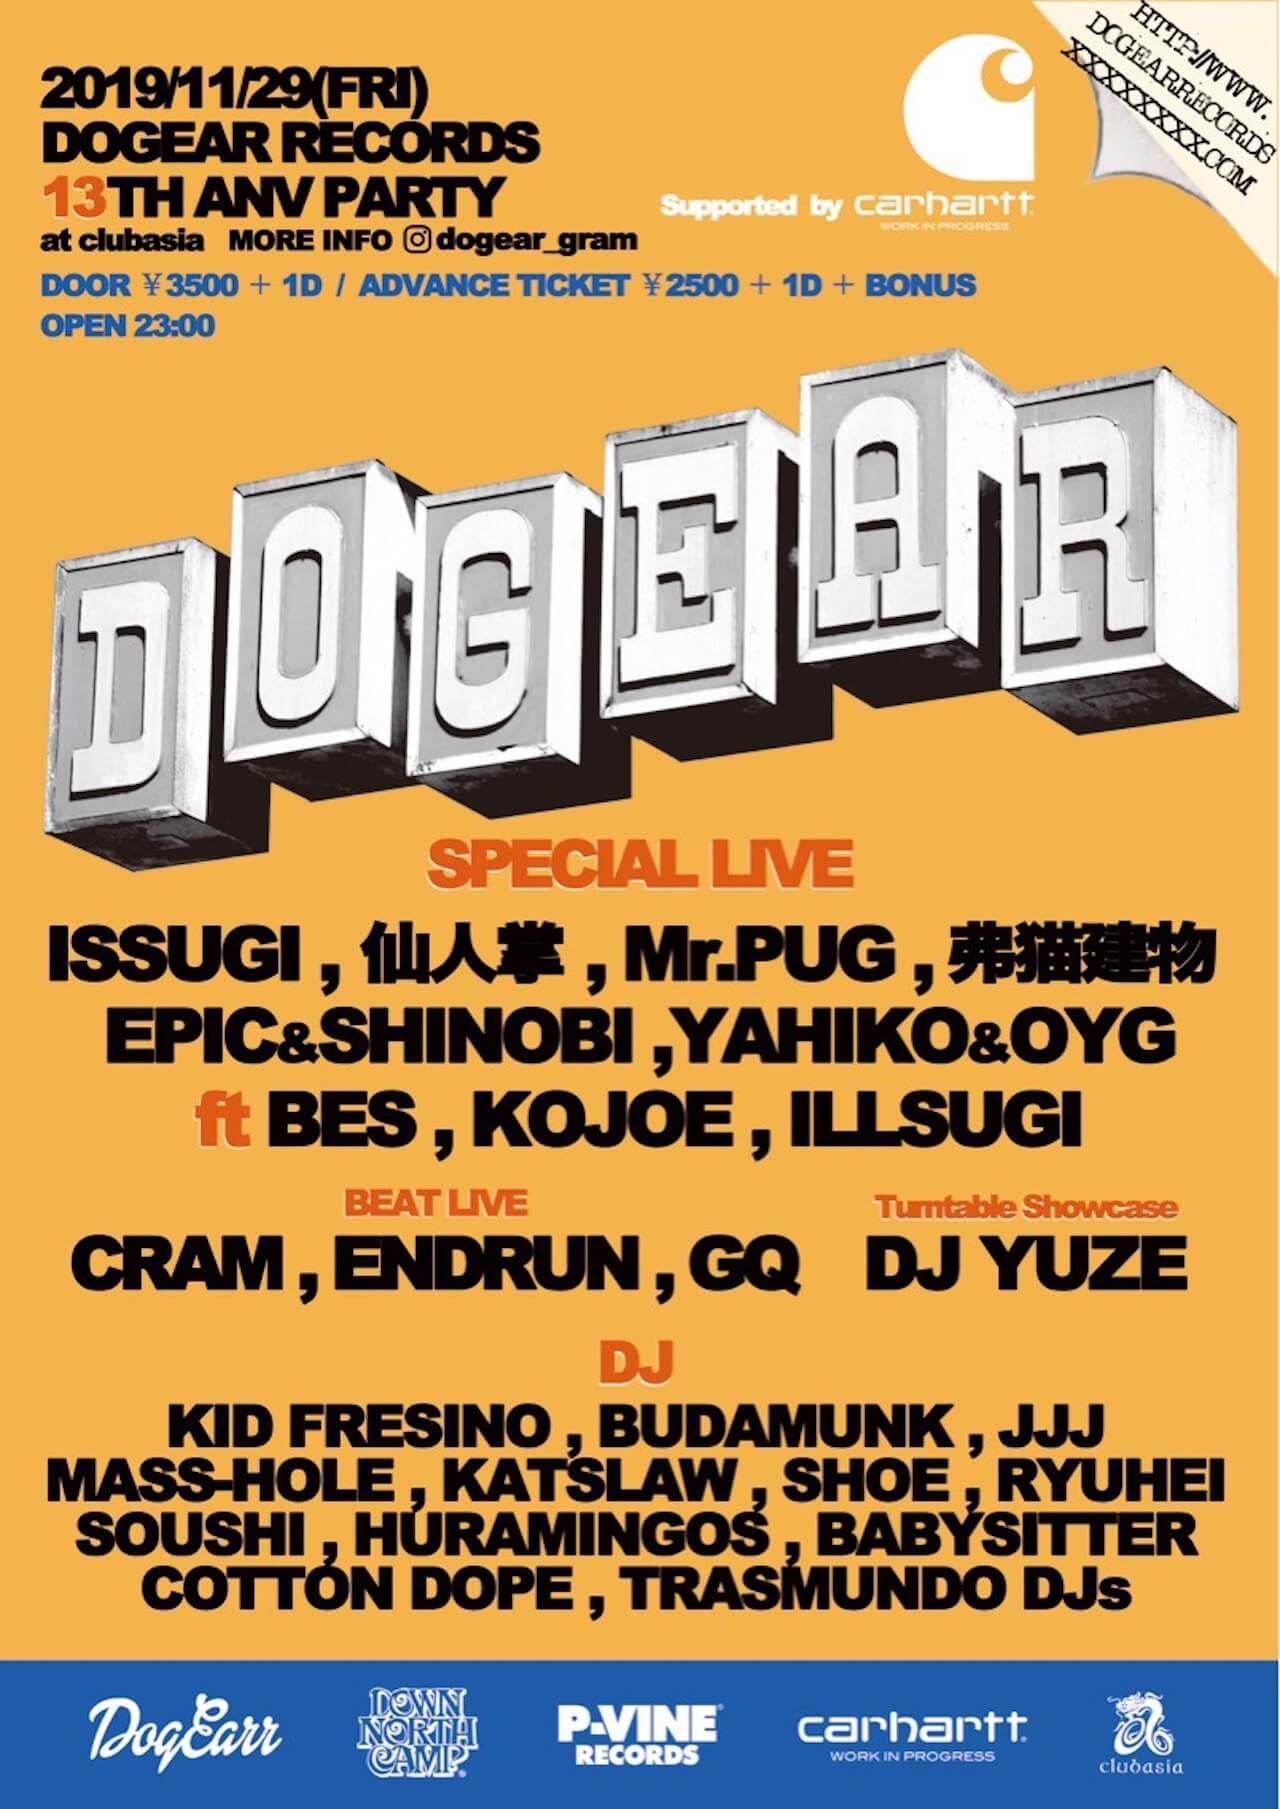 ストリートなイベント【東京】DOGEAR RECORDS 13TH ANV PARTY SUPPORTED BY Carhartt WIP 13周年を讃えたイベントが渋谷clubasiaで開催!